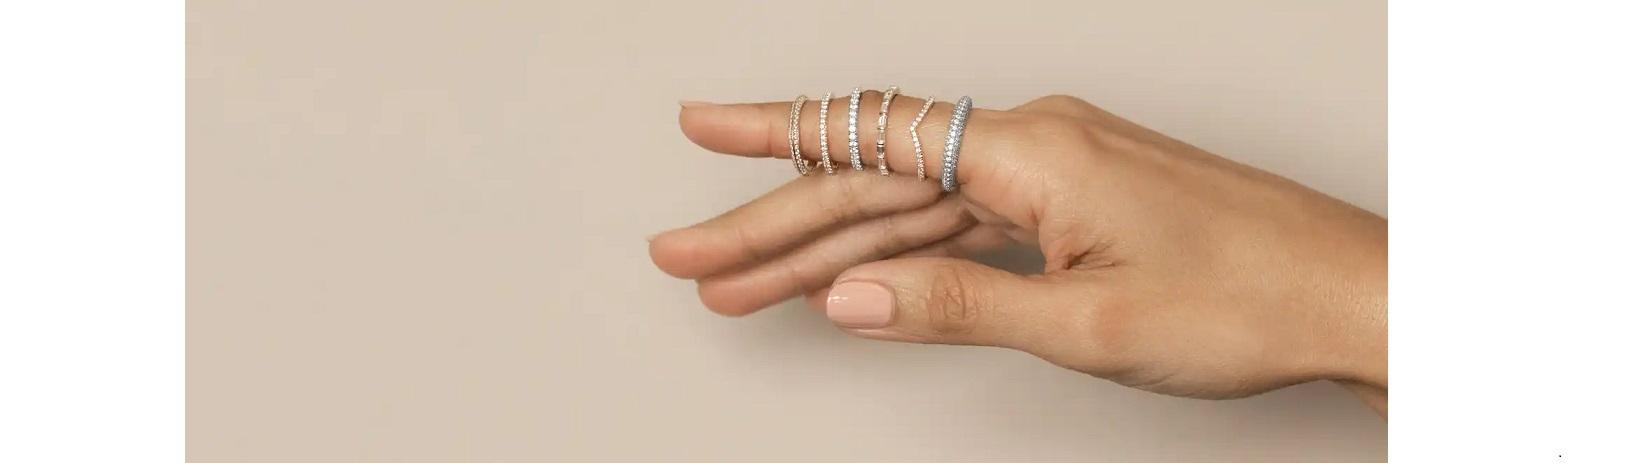 selección de joyas y alianzas de boda clásicas